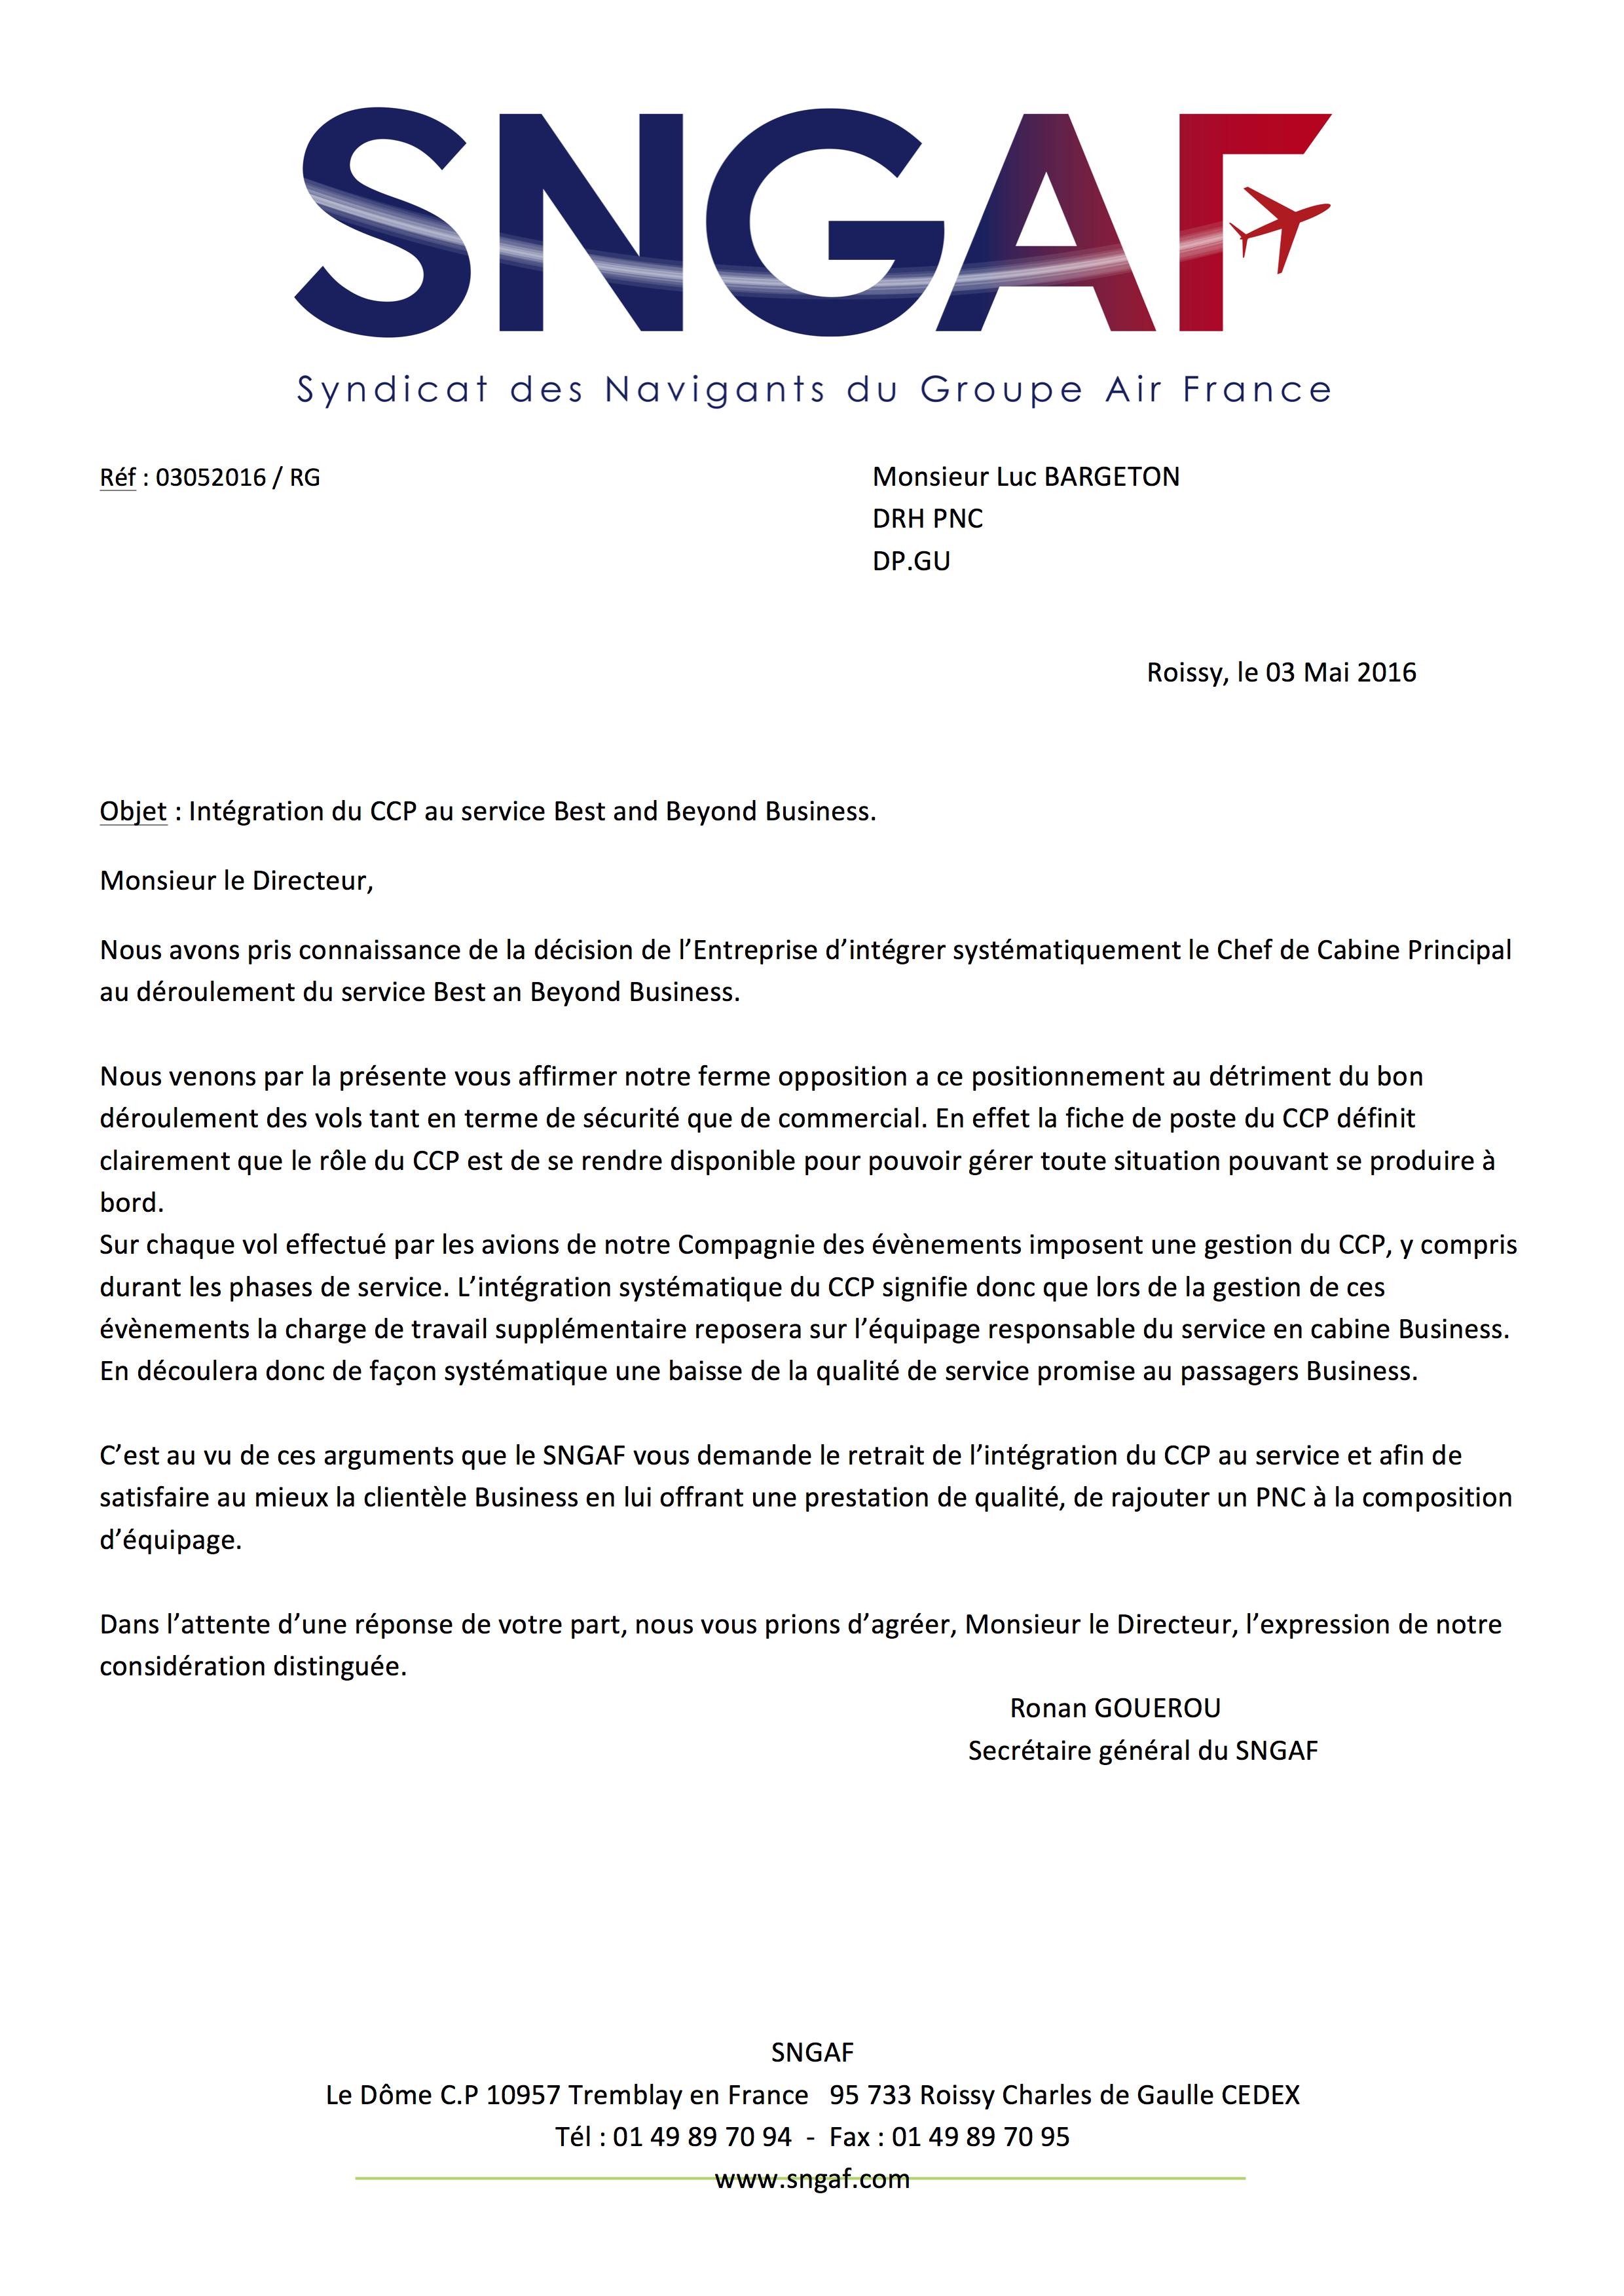 20160503 Courrier Bargeton Intégration ccp au service J